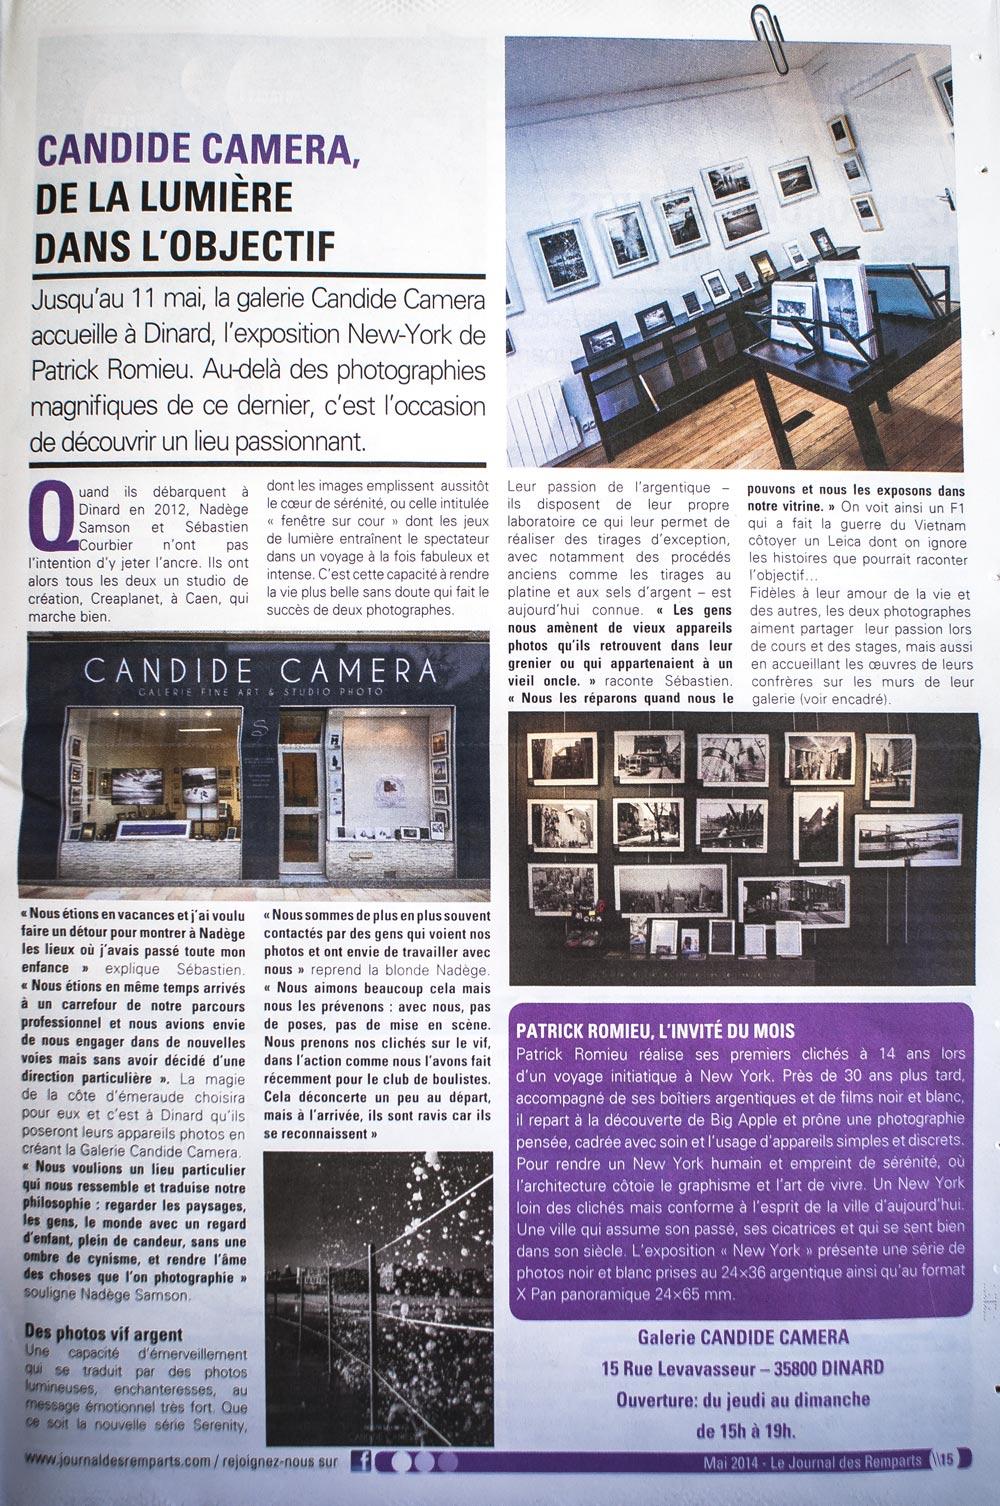 Candide Camera - Une page dans Le-journal-des-remparts